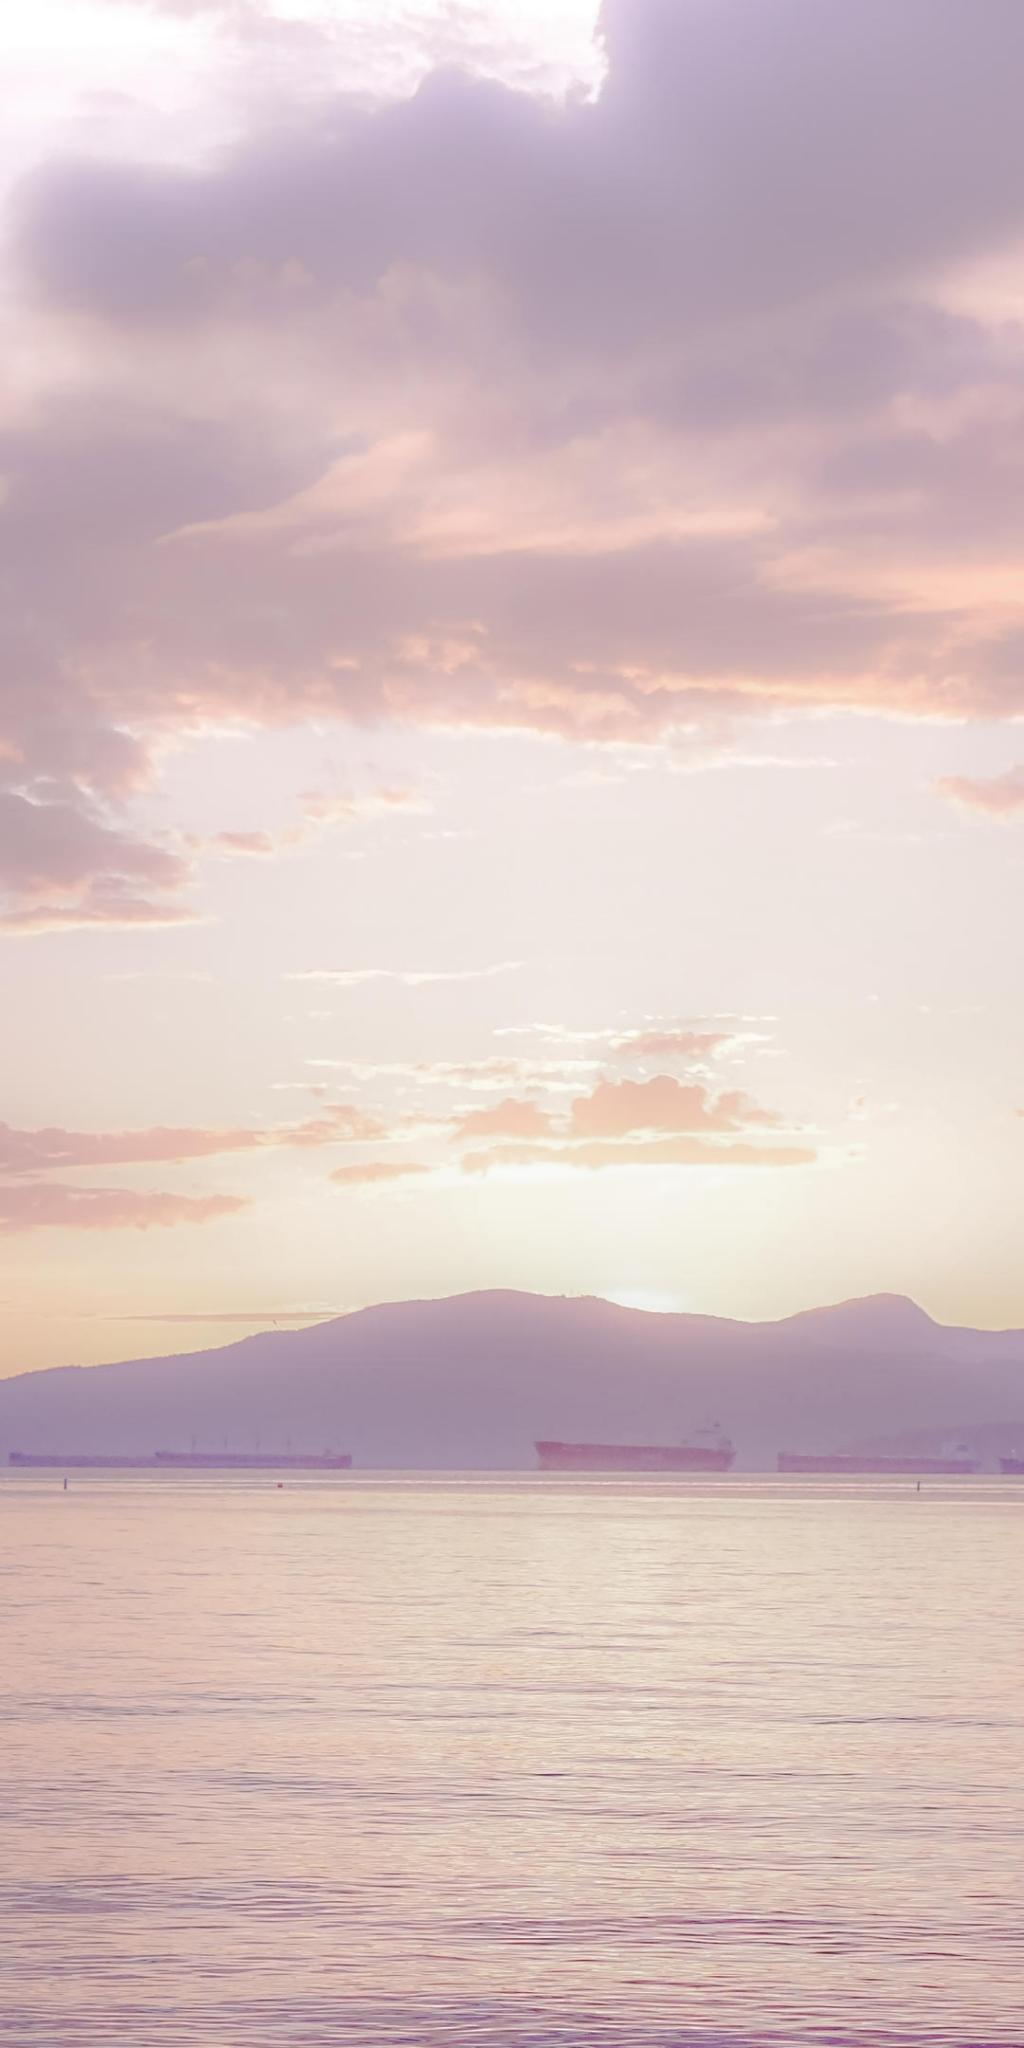 美しい夜の海の夕日 ロック画面の画像 Hd携帯電話の壁紙の秋の壁紙お市はゃ私は 風景を泣かせ 壁紙